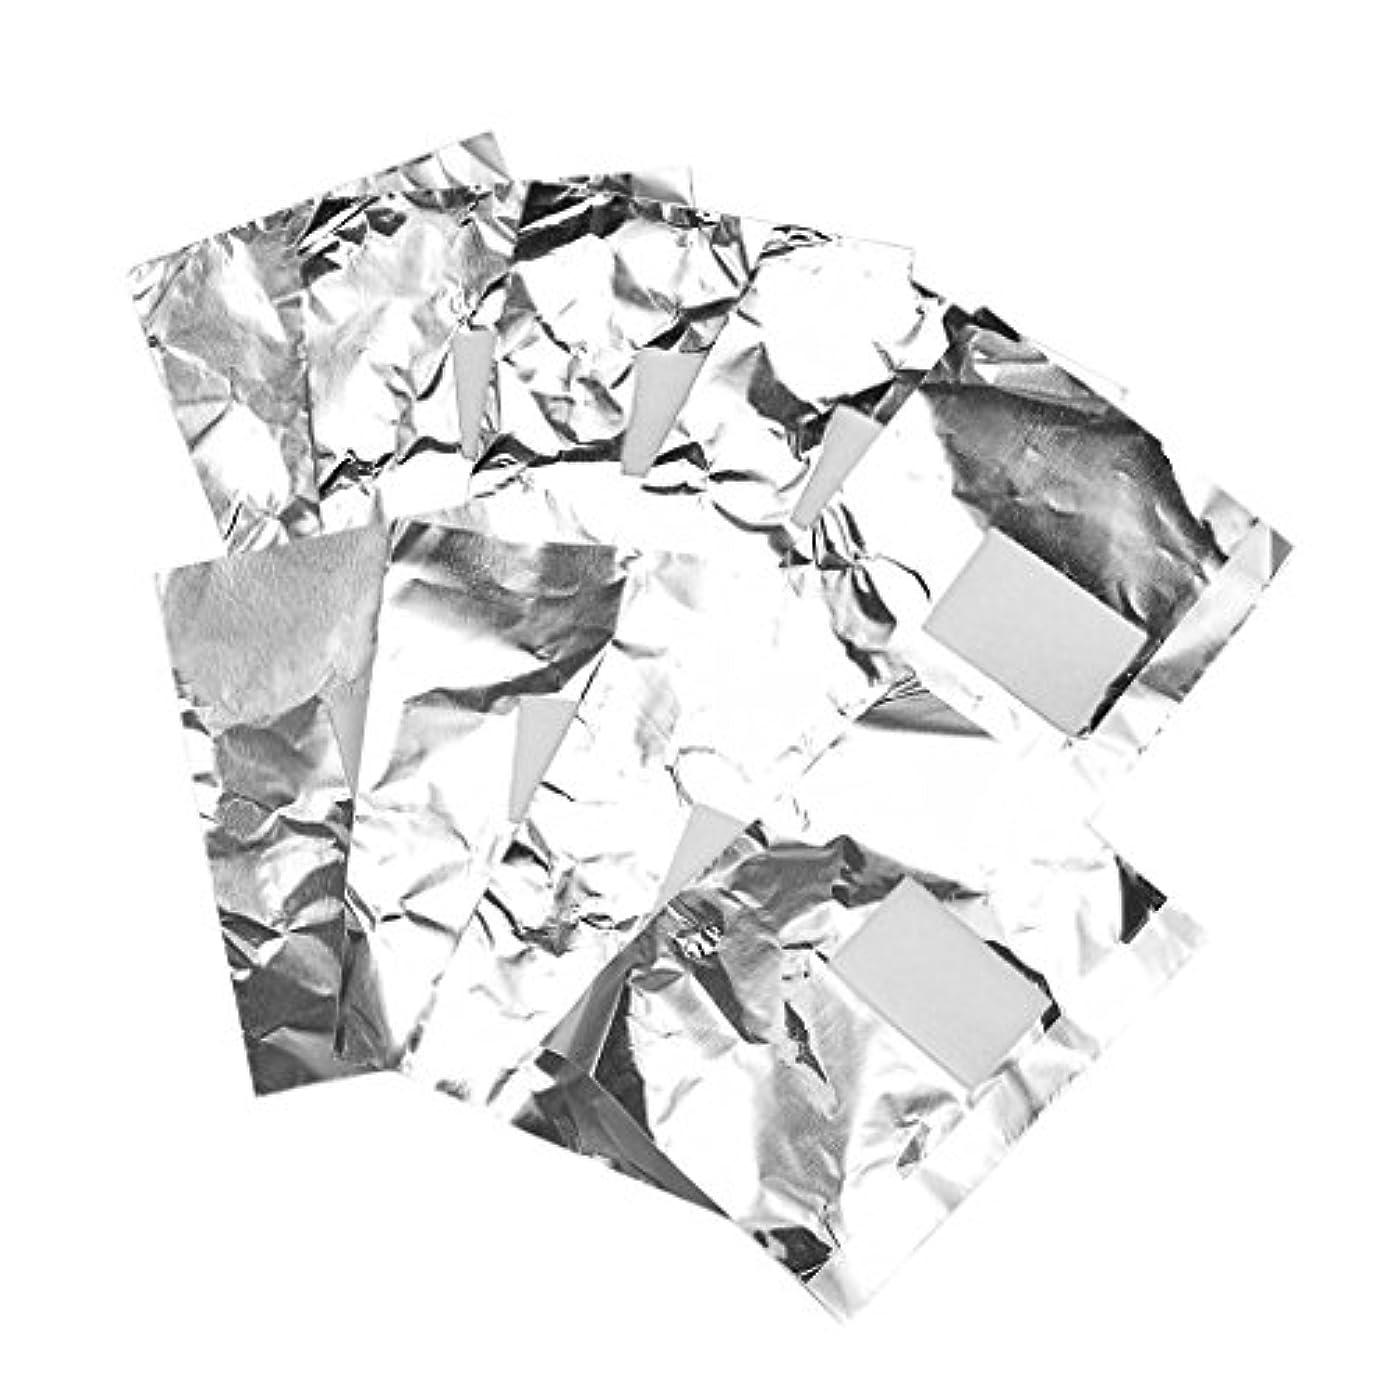 日光ヨーグルト障害Perfk 約100枚 ジェル除却 ネイルアート 錫箔紙 のり除却可能 ネイルオイル クリーナーツール 爪装飾除き 包み紙